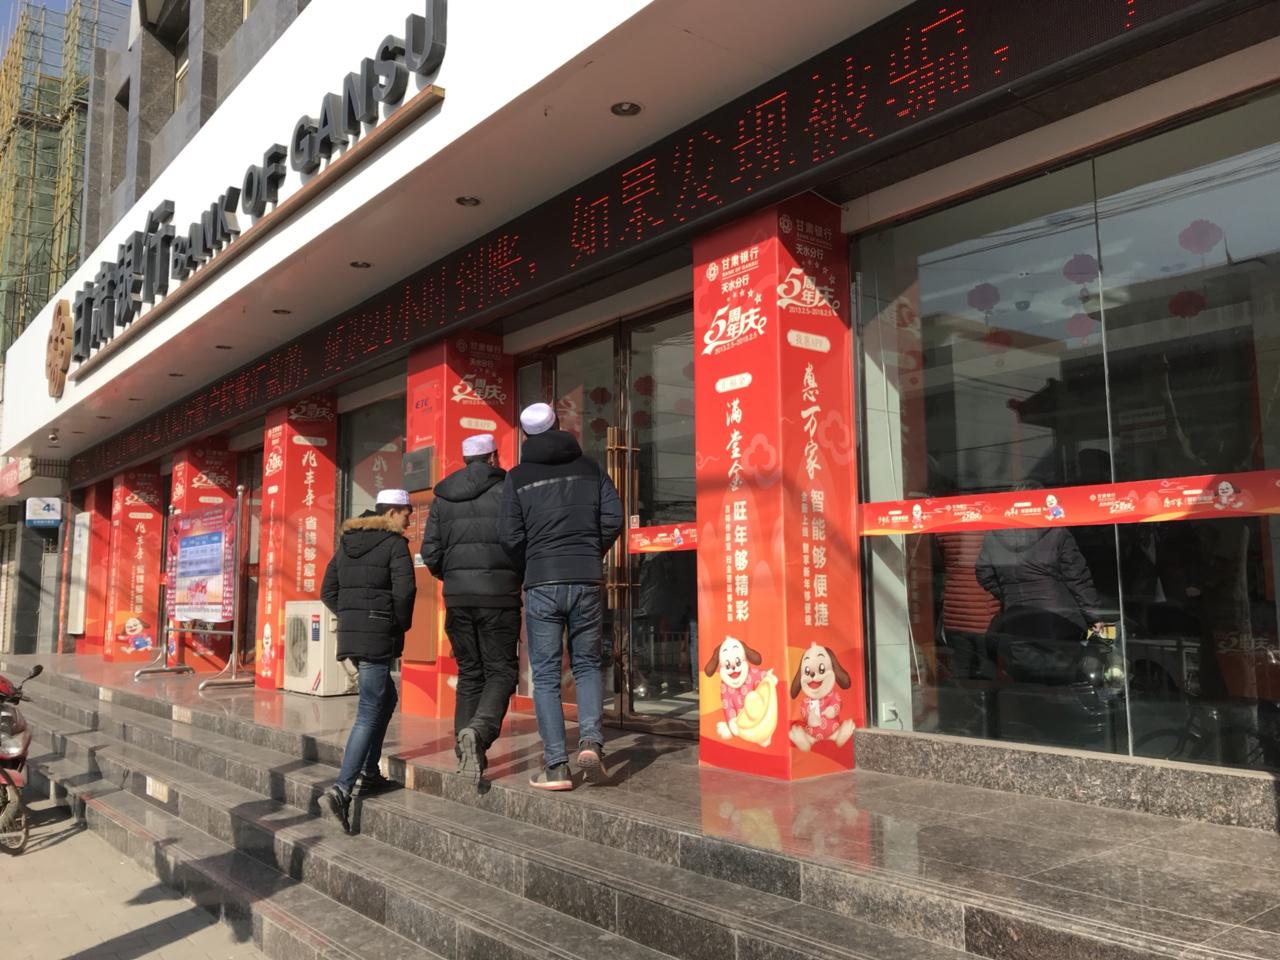 甘肃银行天水分行成立五周年,张家川支行行长马玉祖请客户吃蛋糕